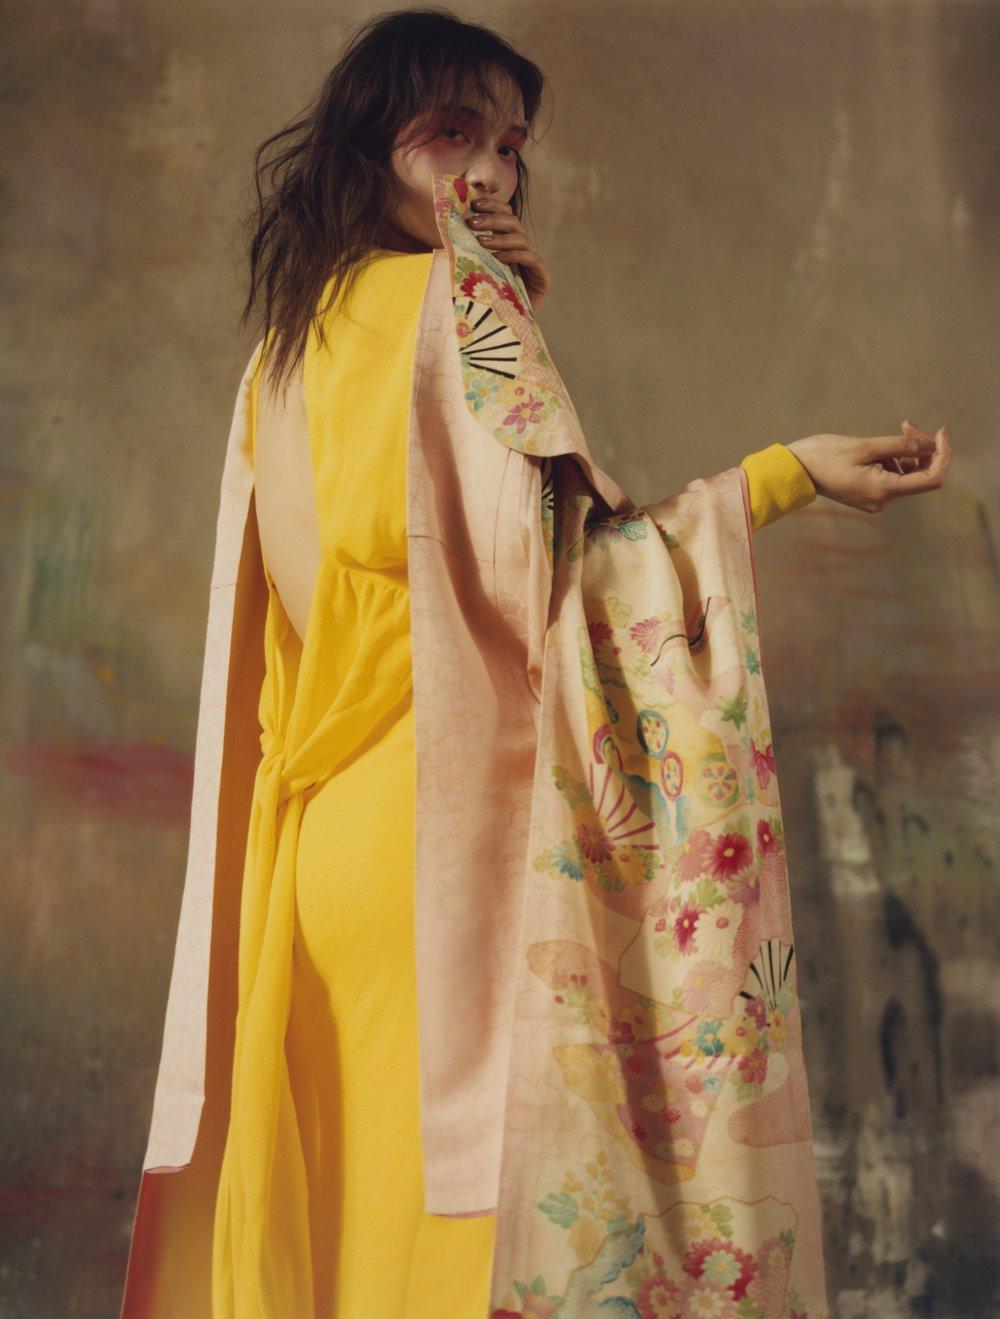 Vestido de SALVATORE FERRAGAMO y kimono de KIMONO HOUSE.